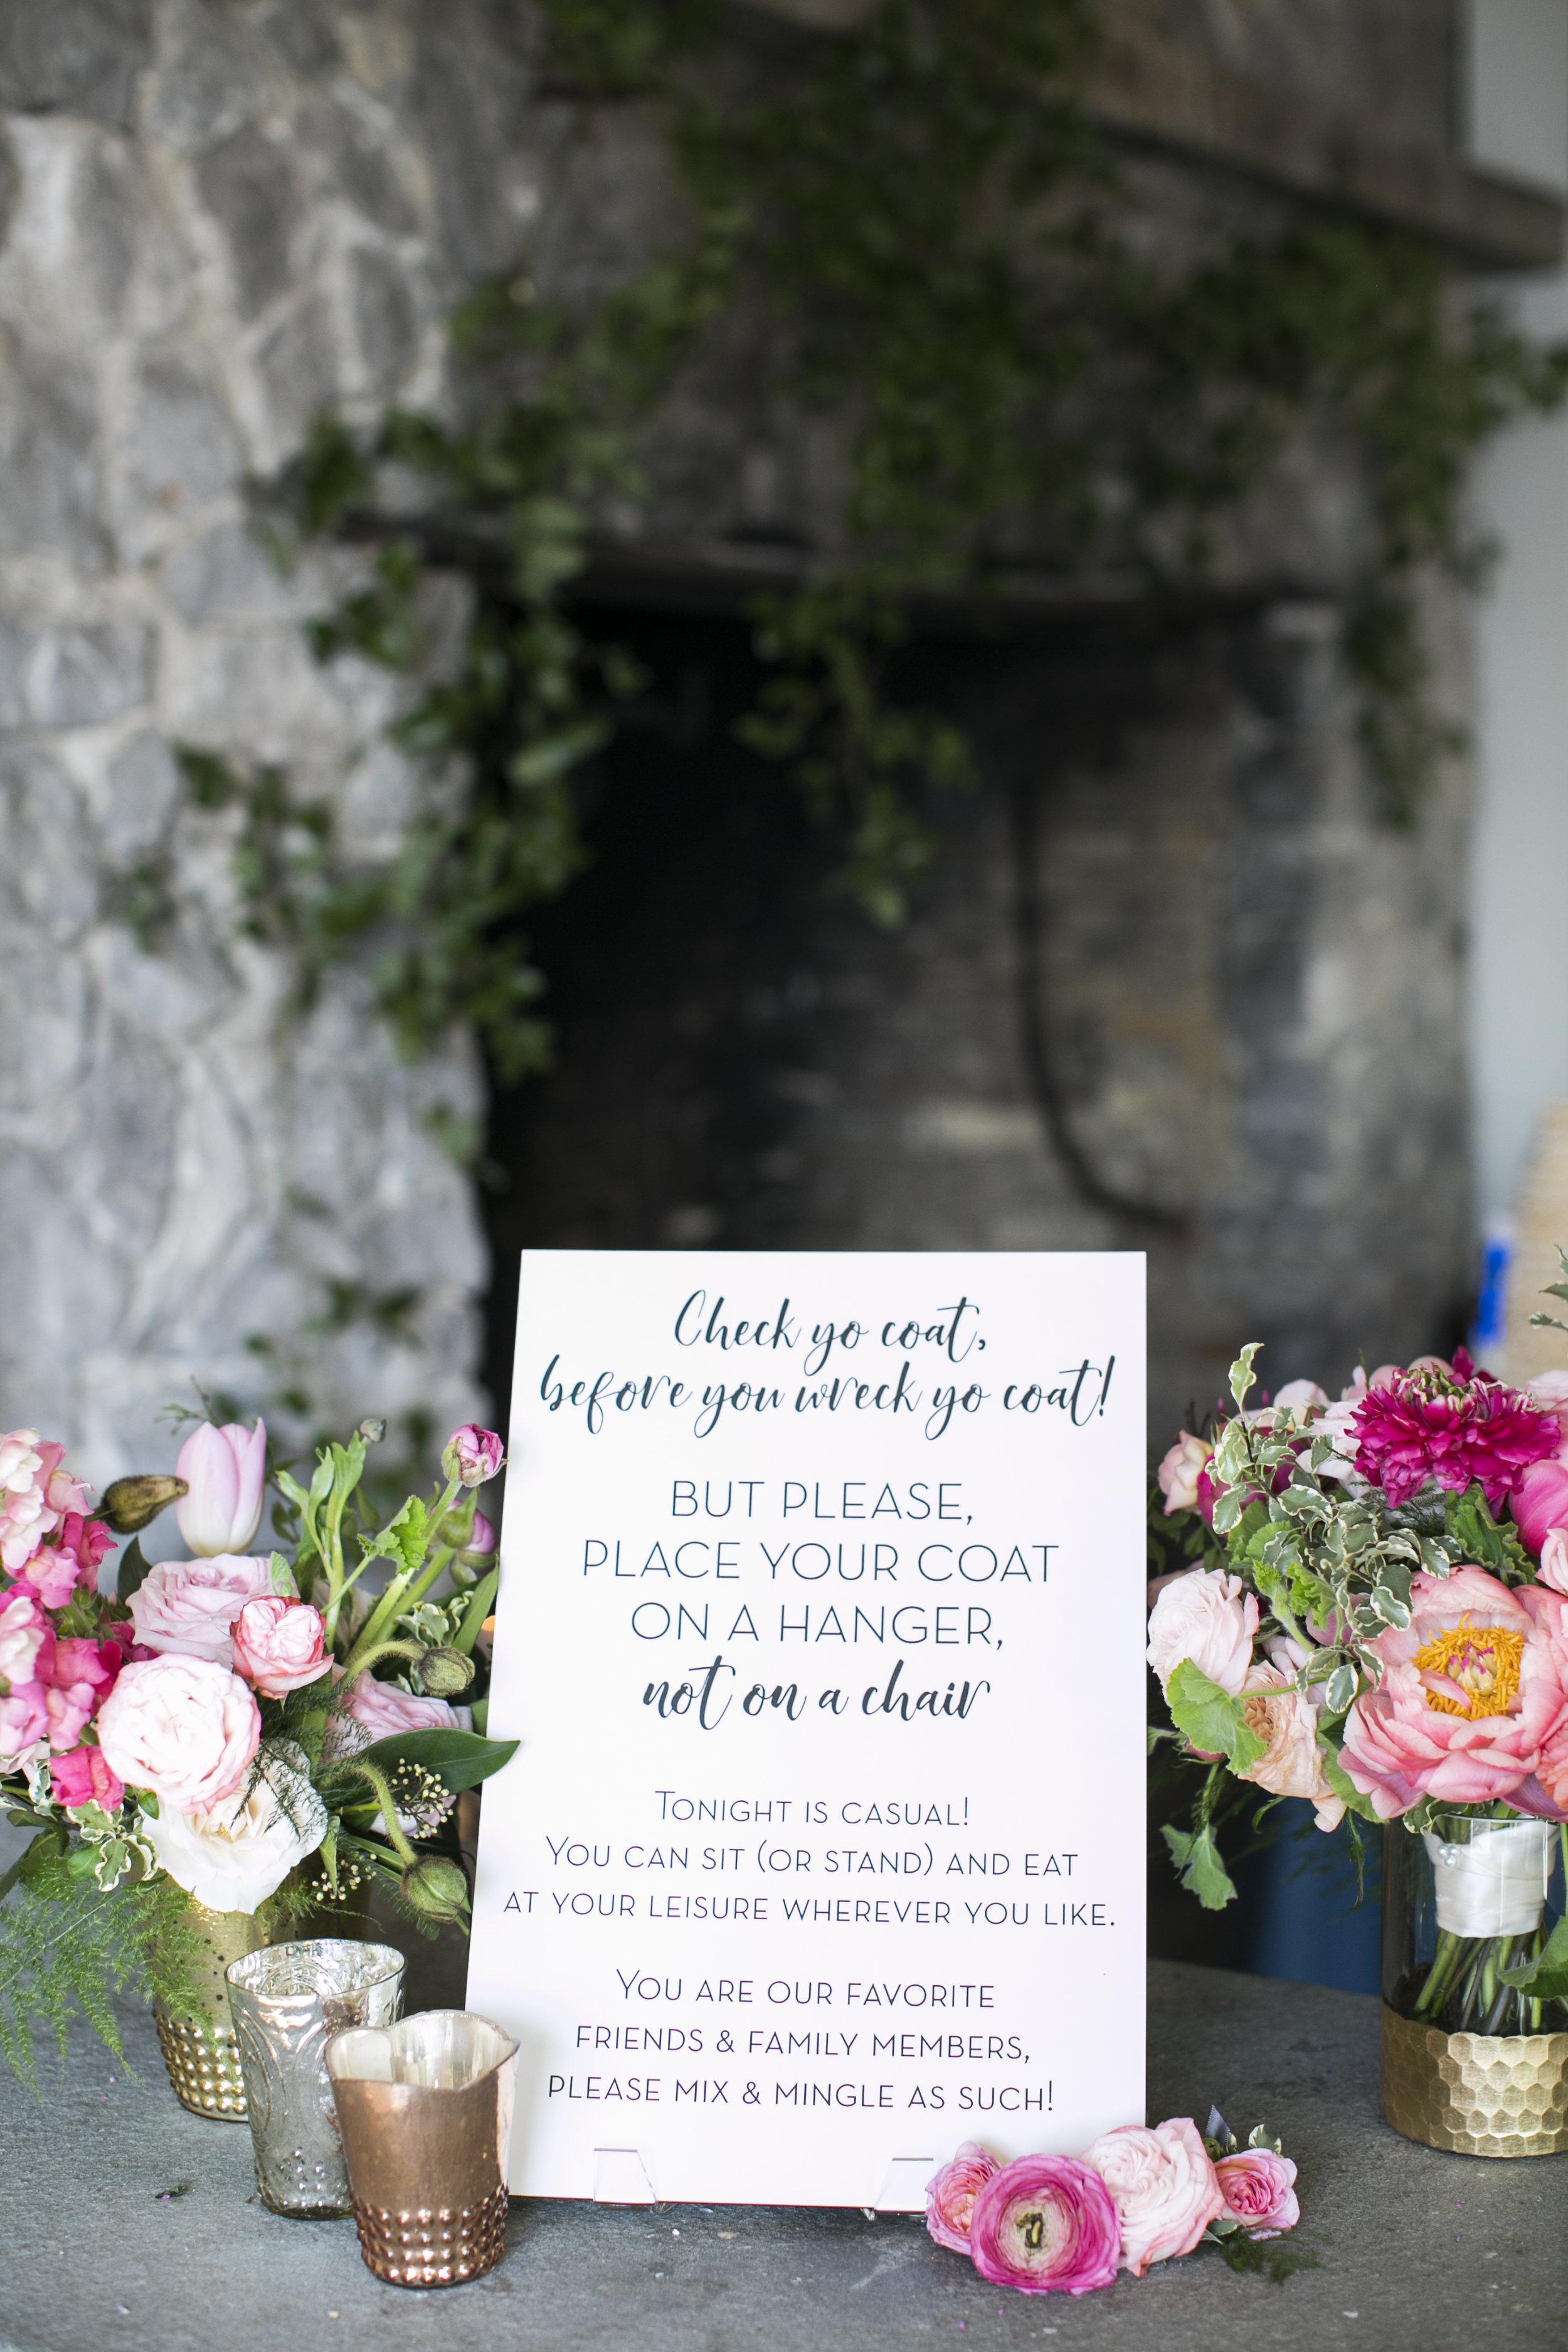 Roche-Harbor-Hull-Varnes-Wedding-0158Katie-Parra.JPG